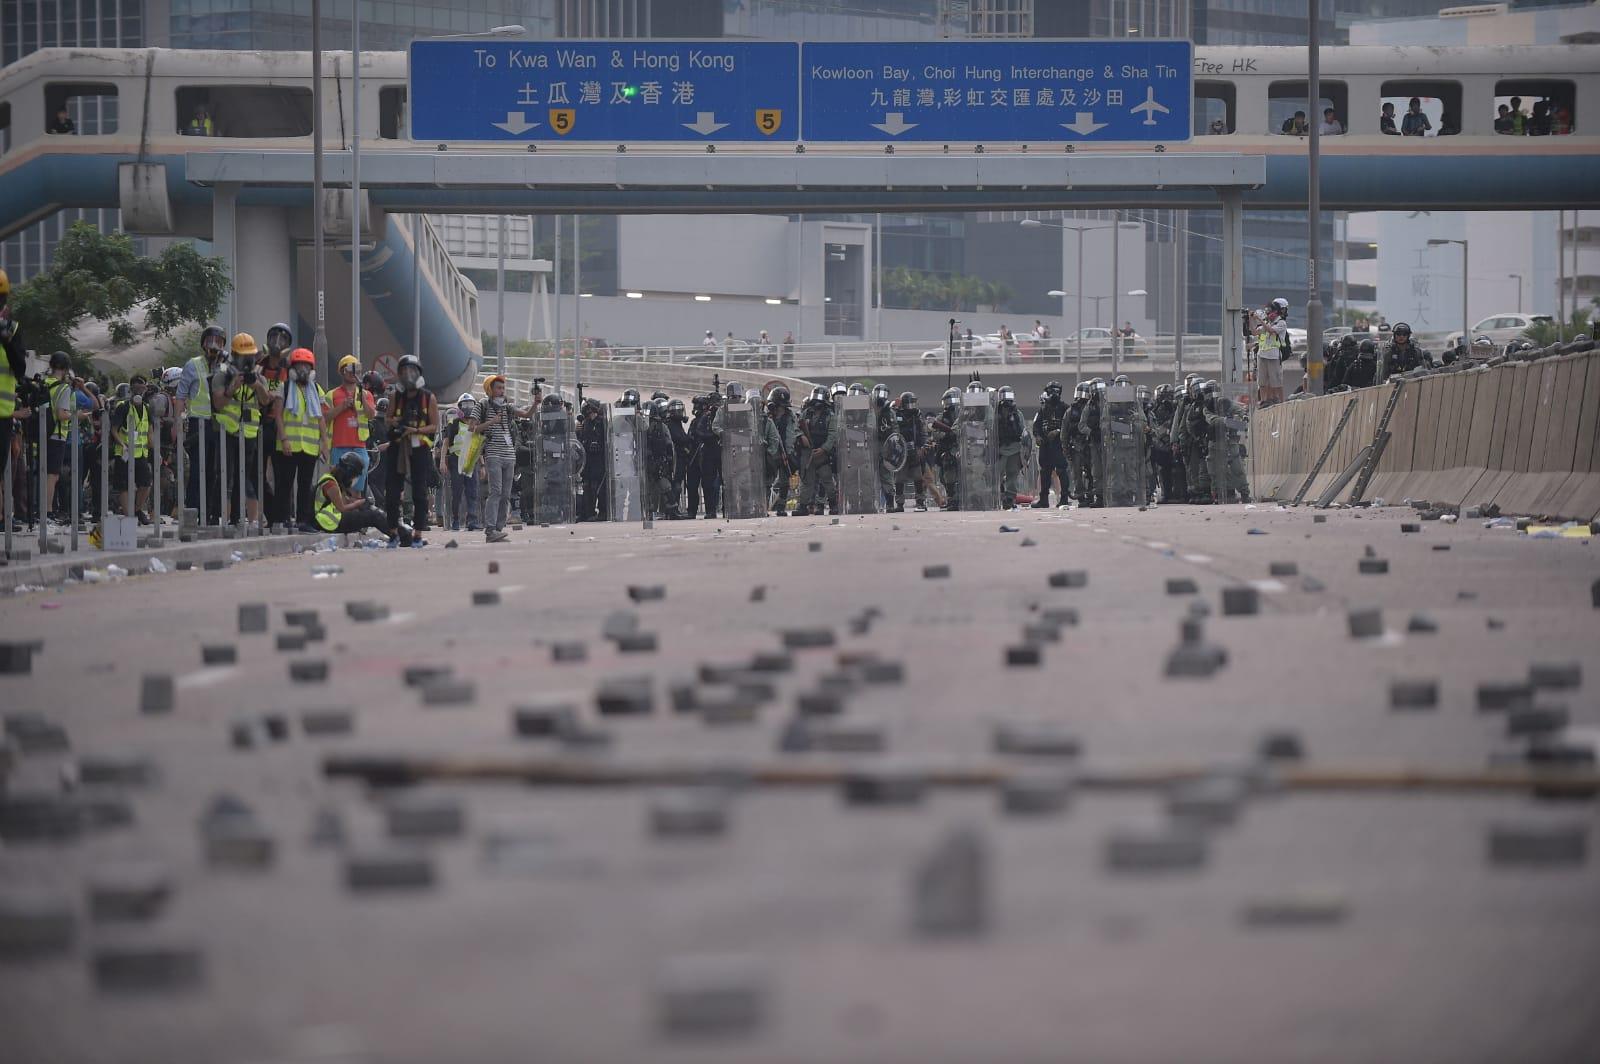 【觀塘遊行】多輪催淚彈驅散偉業街示威者  防暴警察出橙旗警告